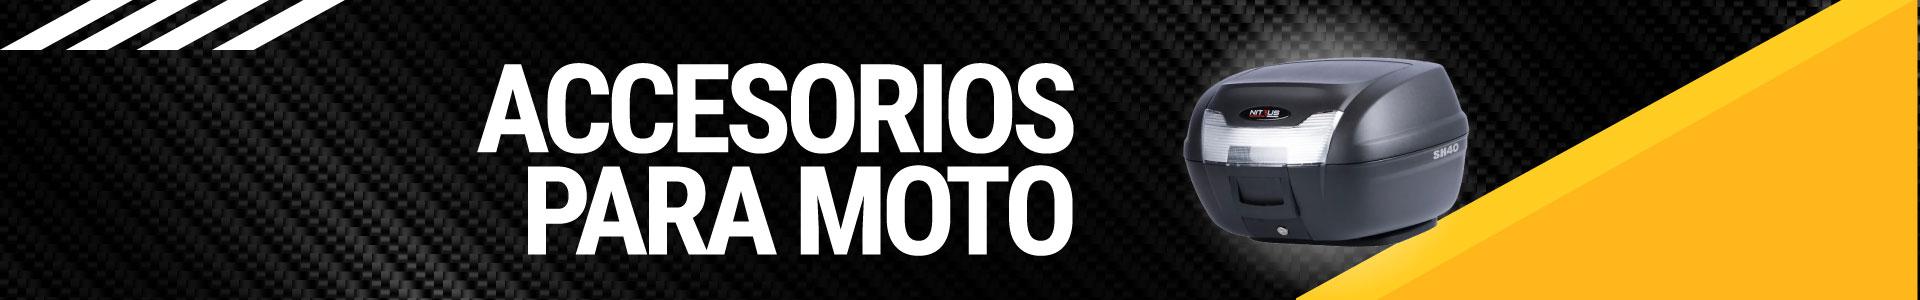 Banner accesorios para moto